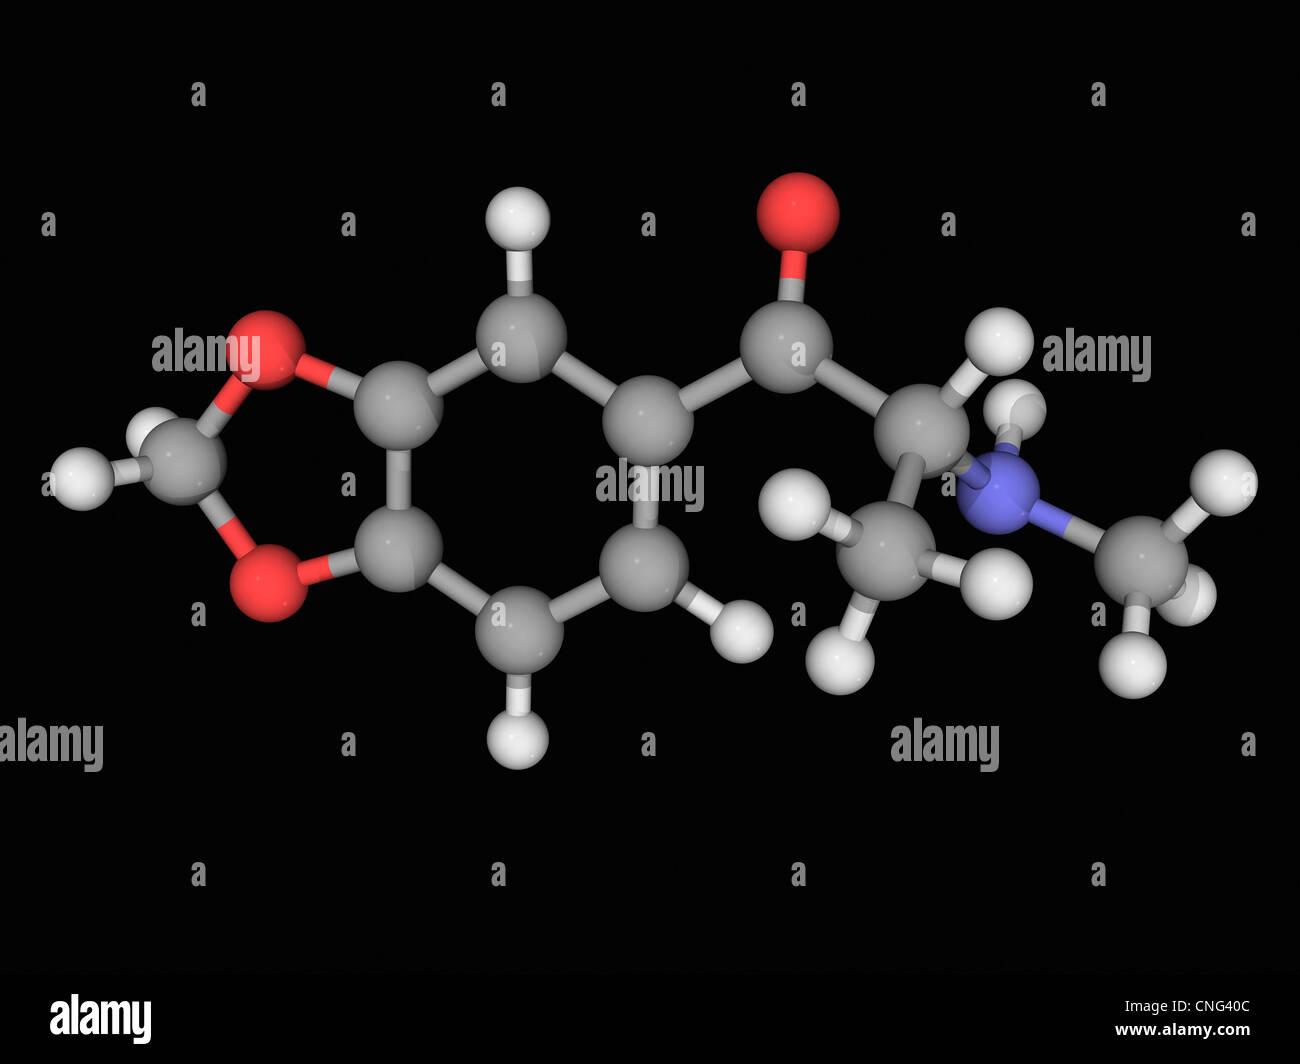 Methylone drug molecule - Stock Image